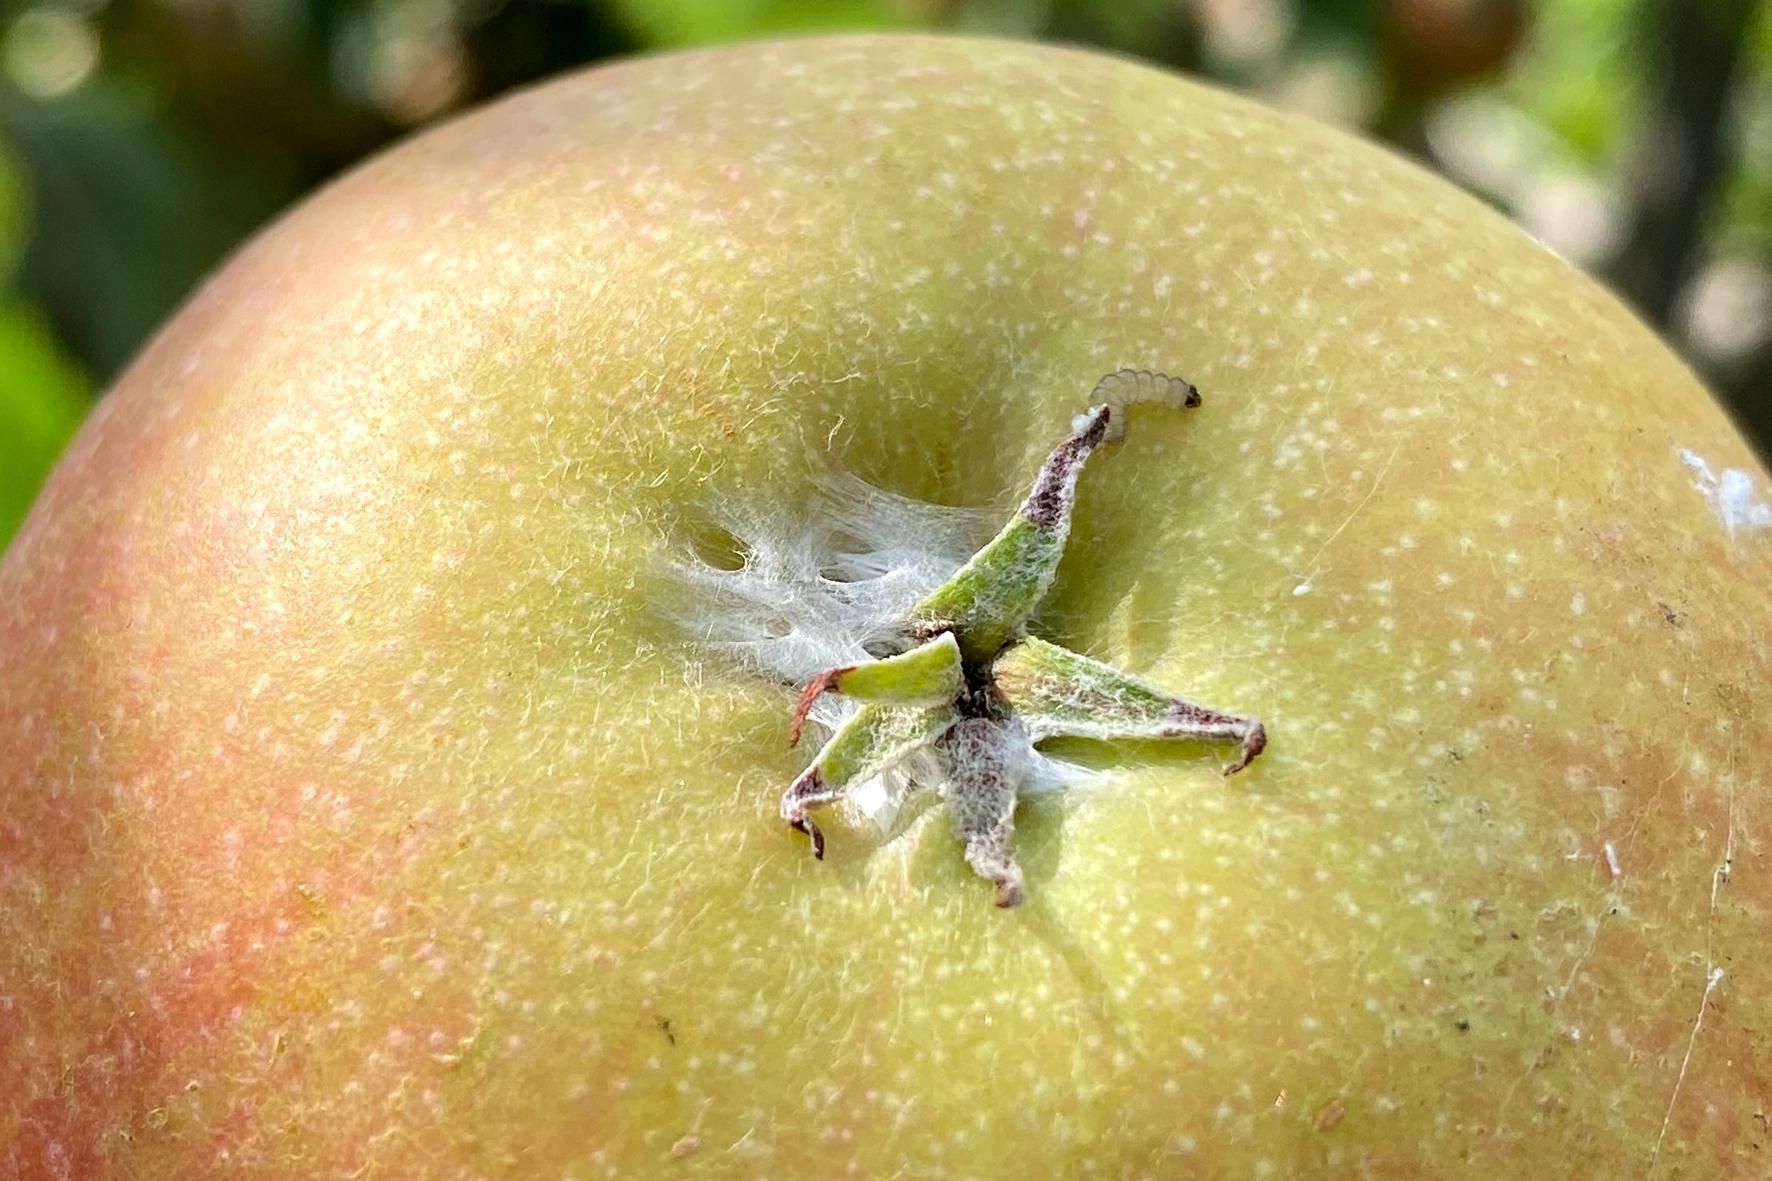 Die Verpuppung der Fleckenminiermotten erfolgt neben den Blättern auch in der Kelchgrube von Früchten oder an der Rinde der Bäume.